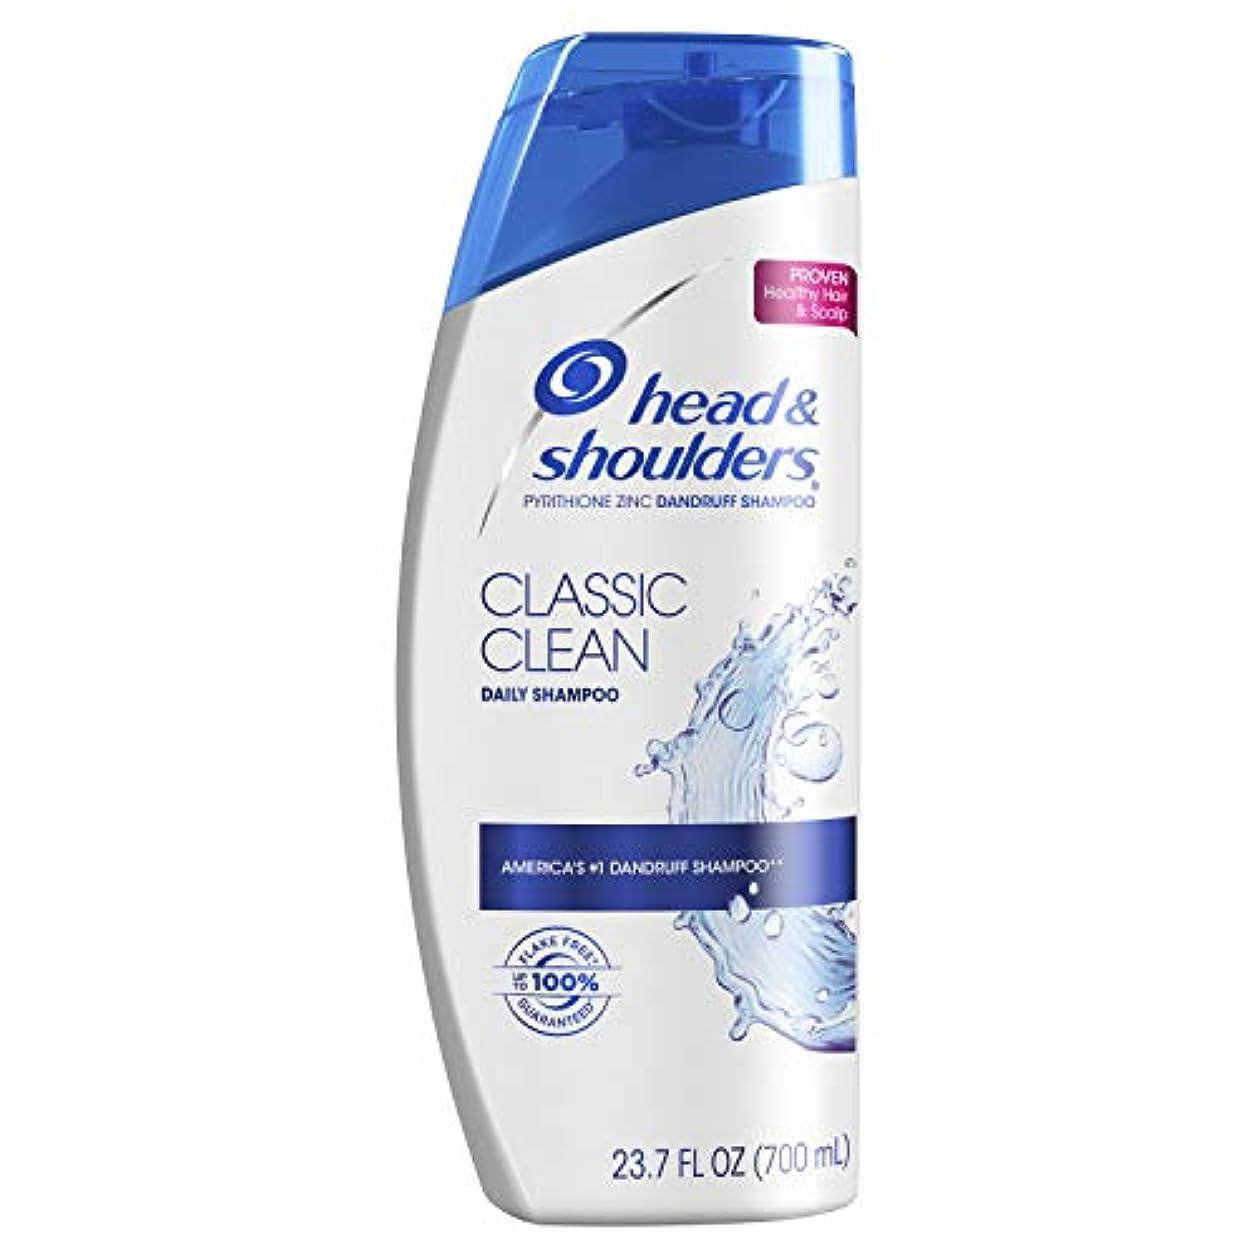 ケーブル単語兄Head & Shoulders Classic Clean Dandruff Shampoo, 23.7 Oz by Head & Shoulders